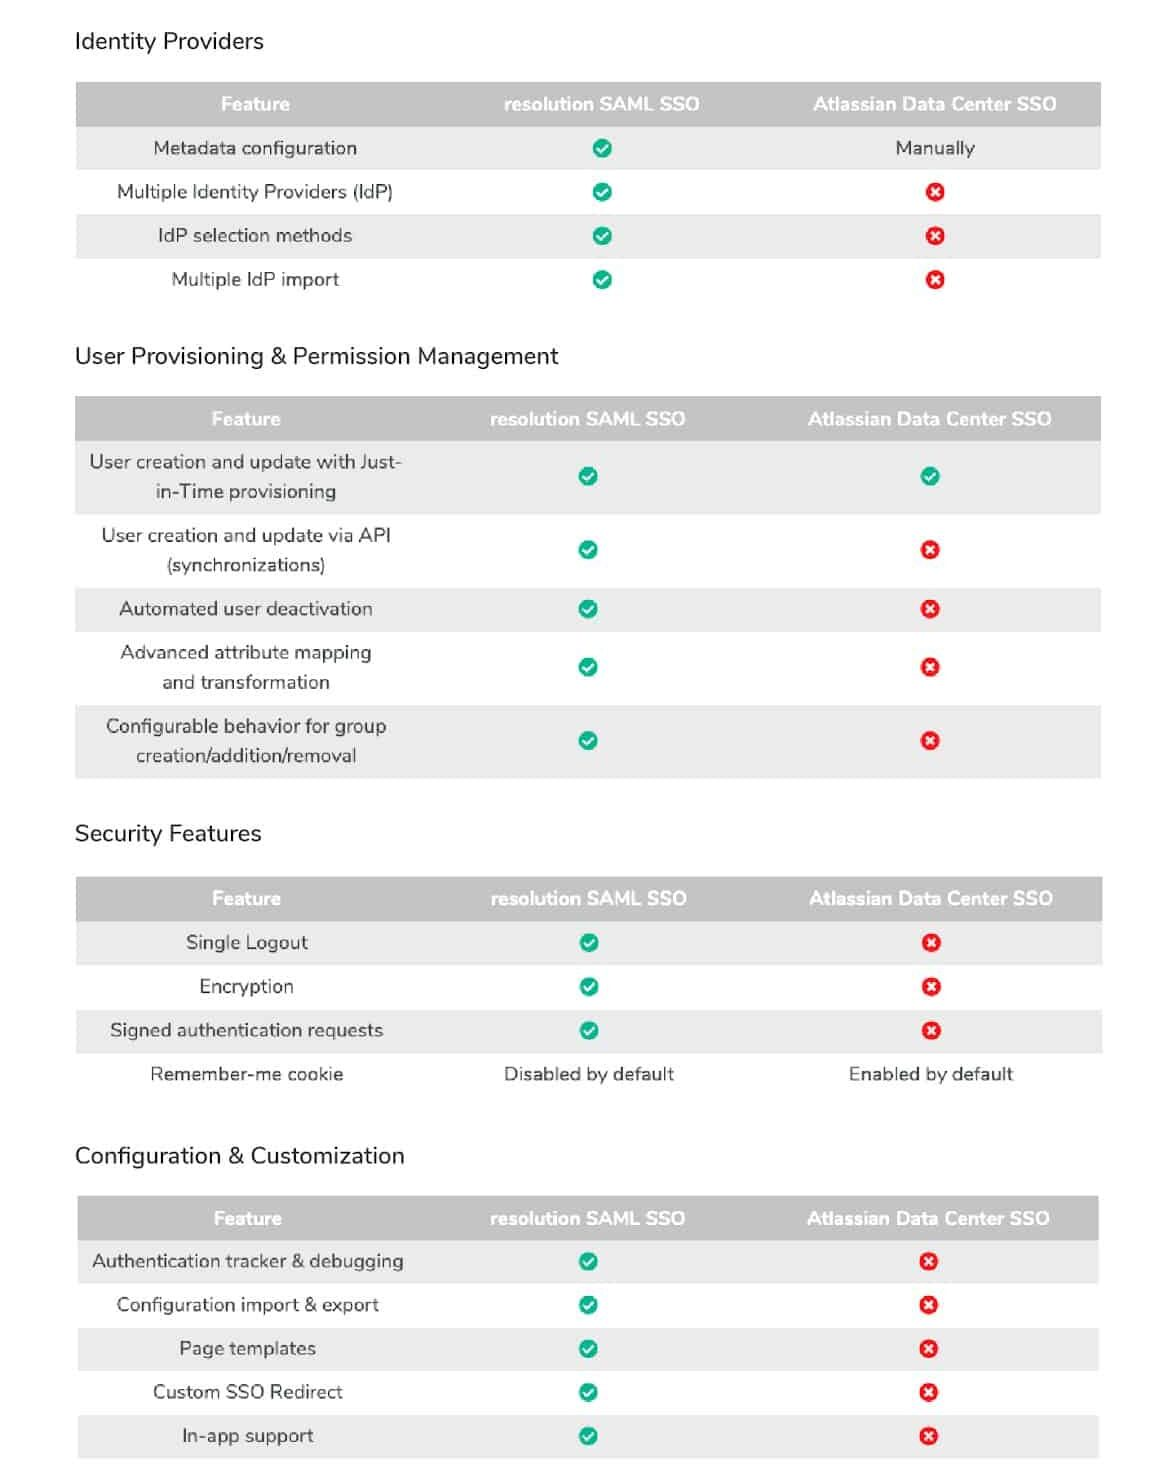 SAML DC and Atlassian SSO Comparison